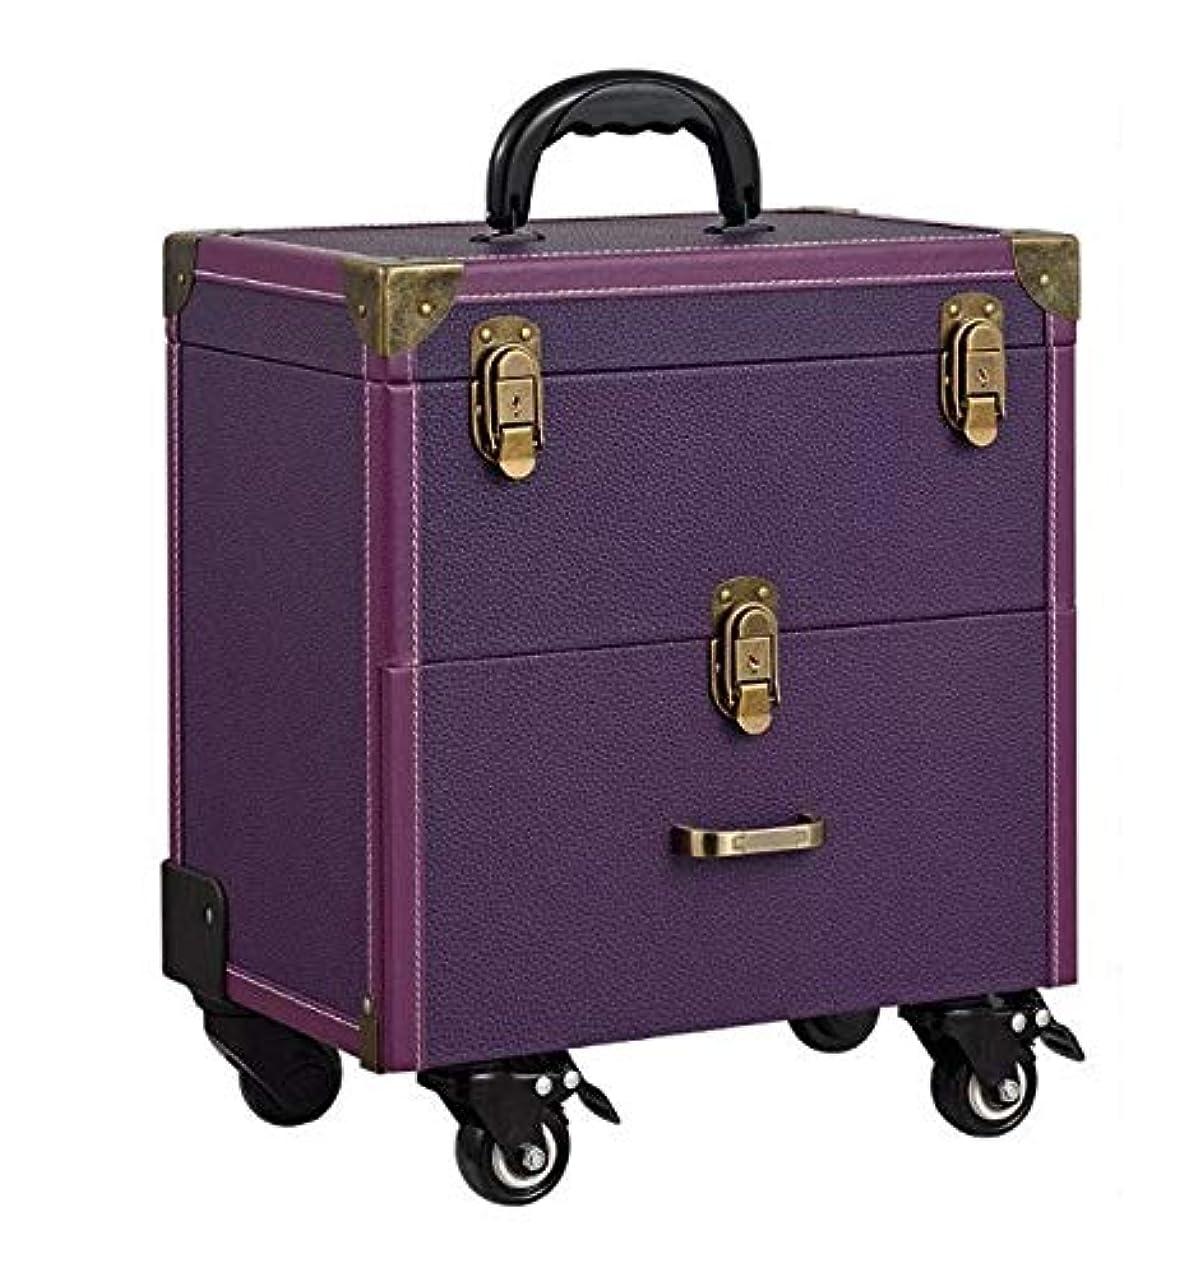 証書大統領ヘア化粧箱、大容量二層トロリー化粧品ケース、ポータブル旅行化粧品バッグ収納袋、美容化粧ネイルジュエリー収納ボックス (Color : Purple)